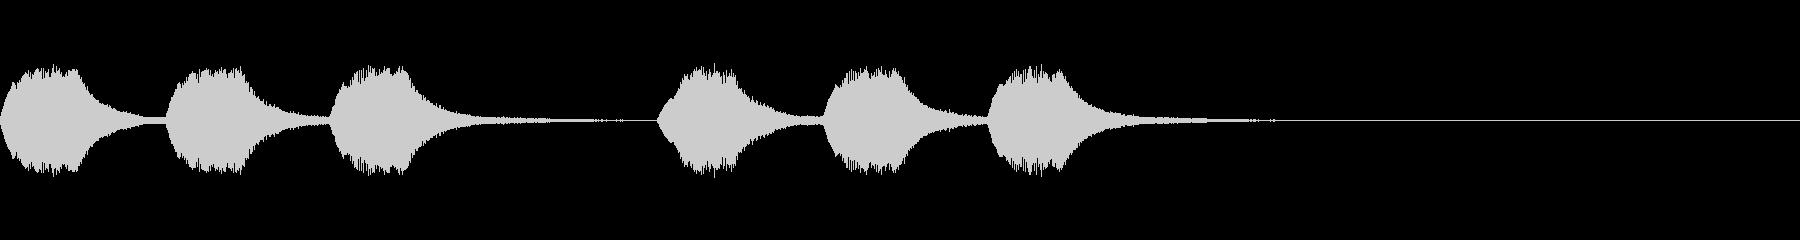 緊急速報の時のアラート音の未再生の波形